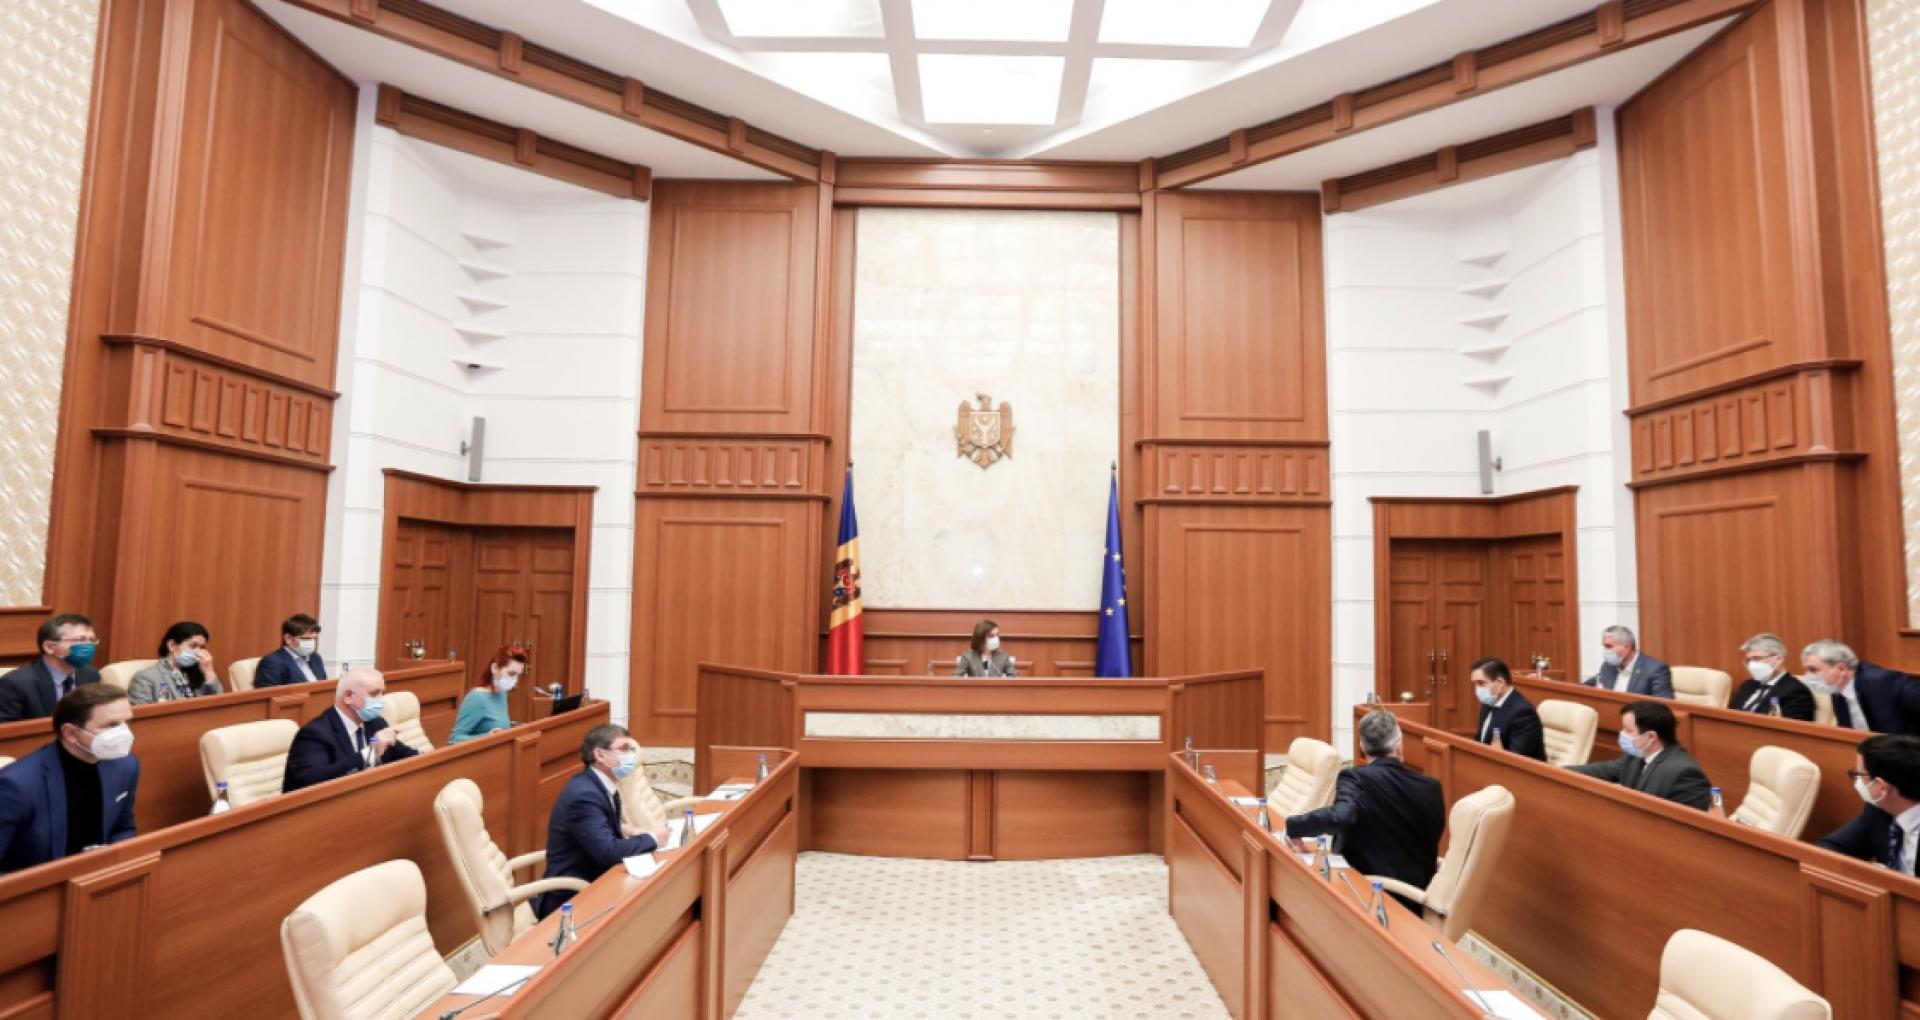 DOC/ Președinta R. Moldova, Maia Sandu, a semnat decretul de numire a lui Ștefan Țîbuleac în funcția de șef al Serviciului CSS